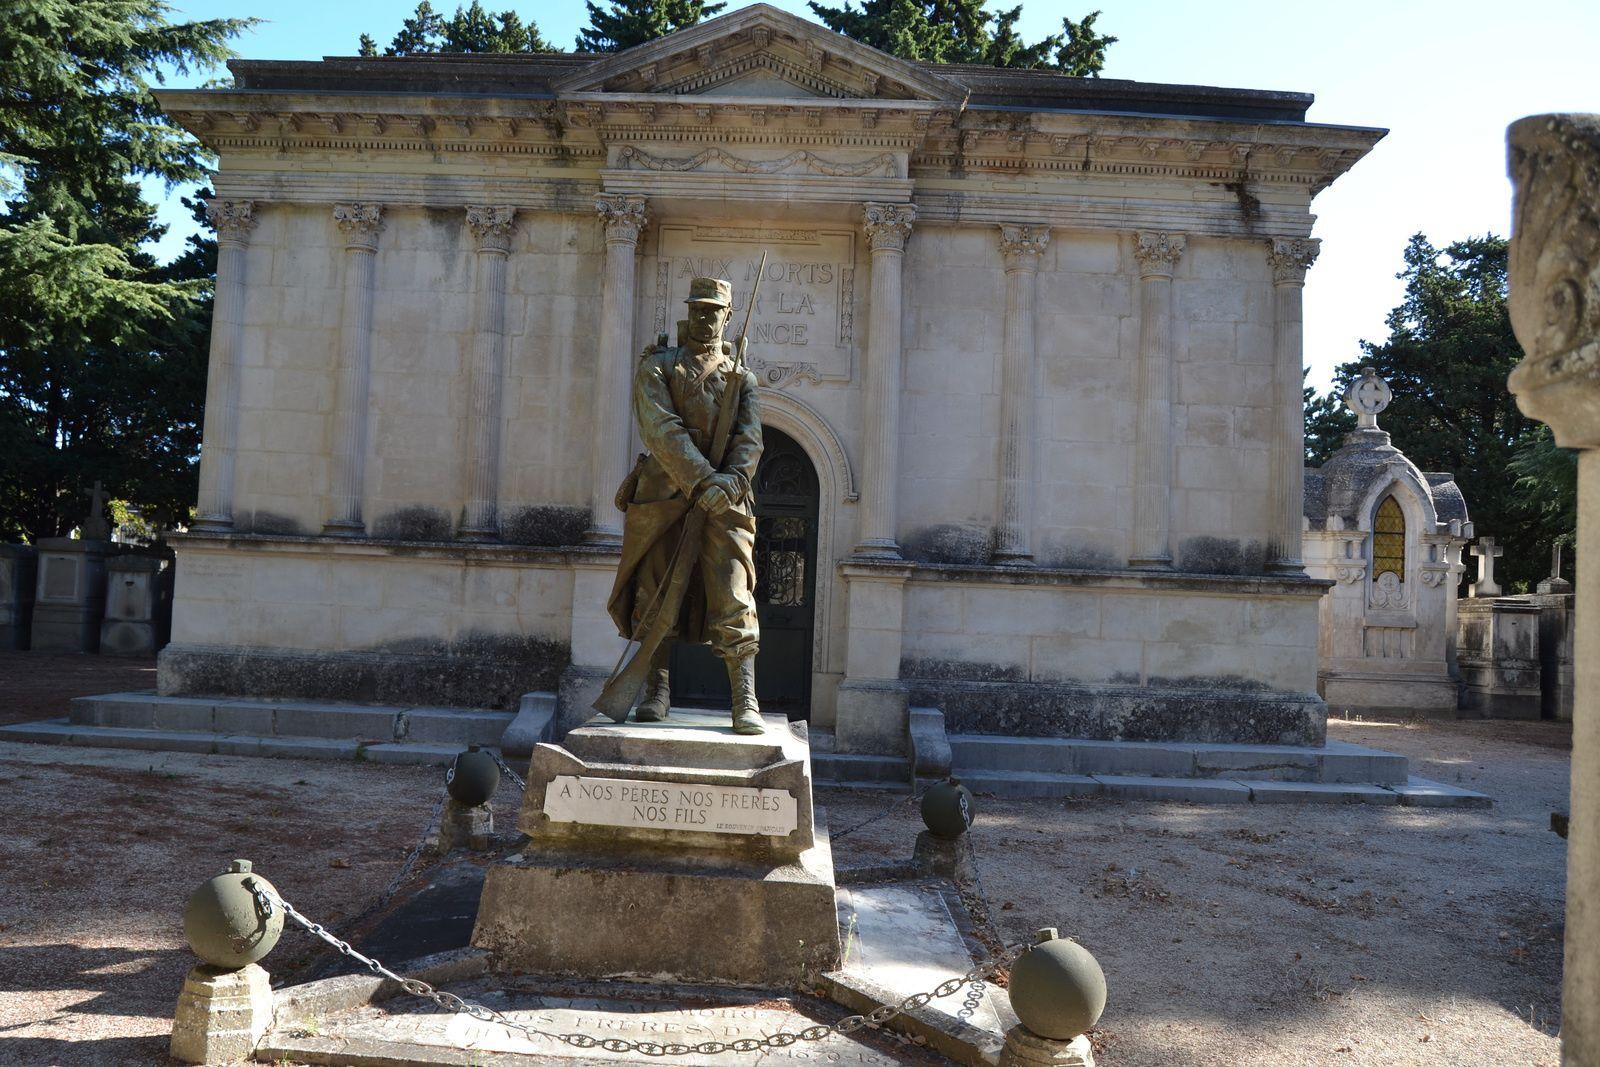 A l'arrière a été érigé un monument aux morts de la guerre de 1914-1918, sorte de mausolée inauguré le 9 Juillet 1924, dans lequel se trouvent 112 cases pour les corps ramenés du front, une crypte conserve les corps des soldats décédés à Avignon.